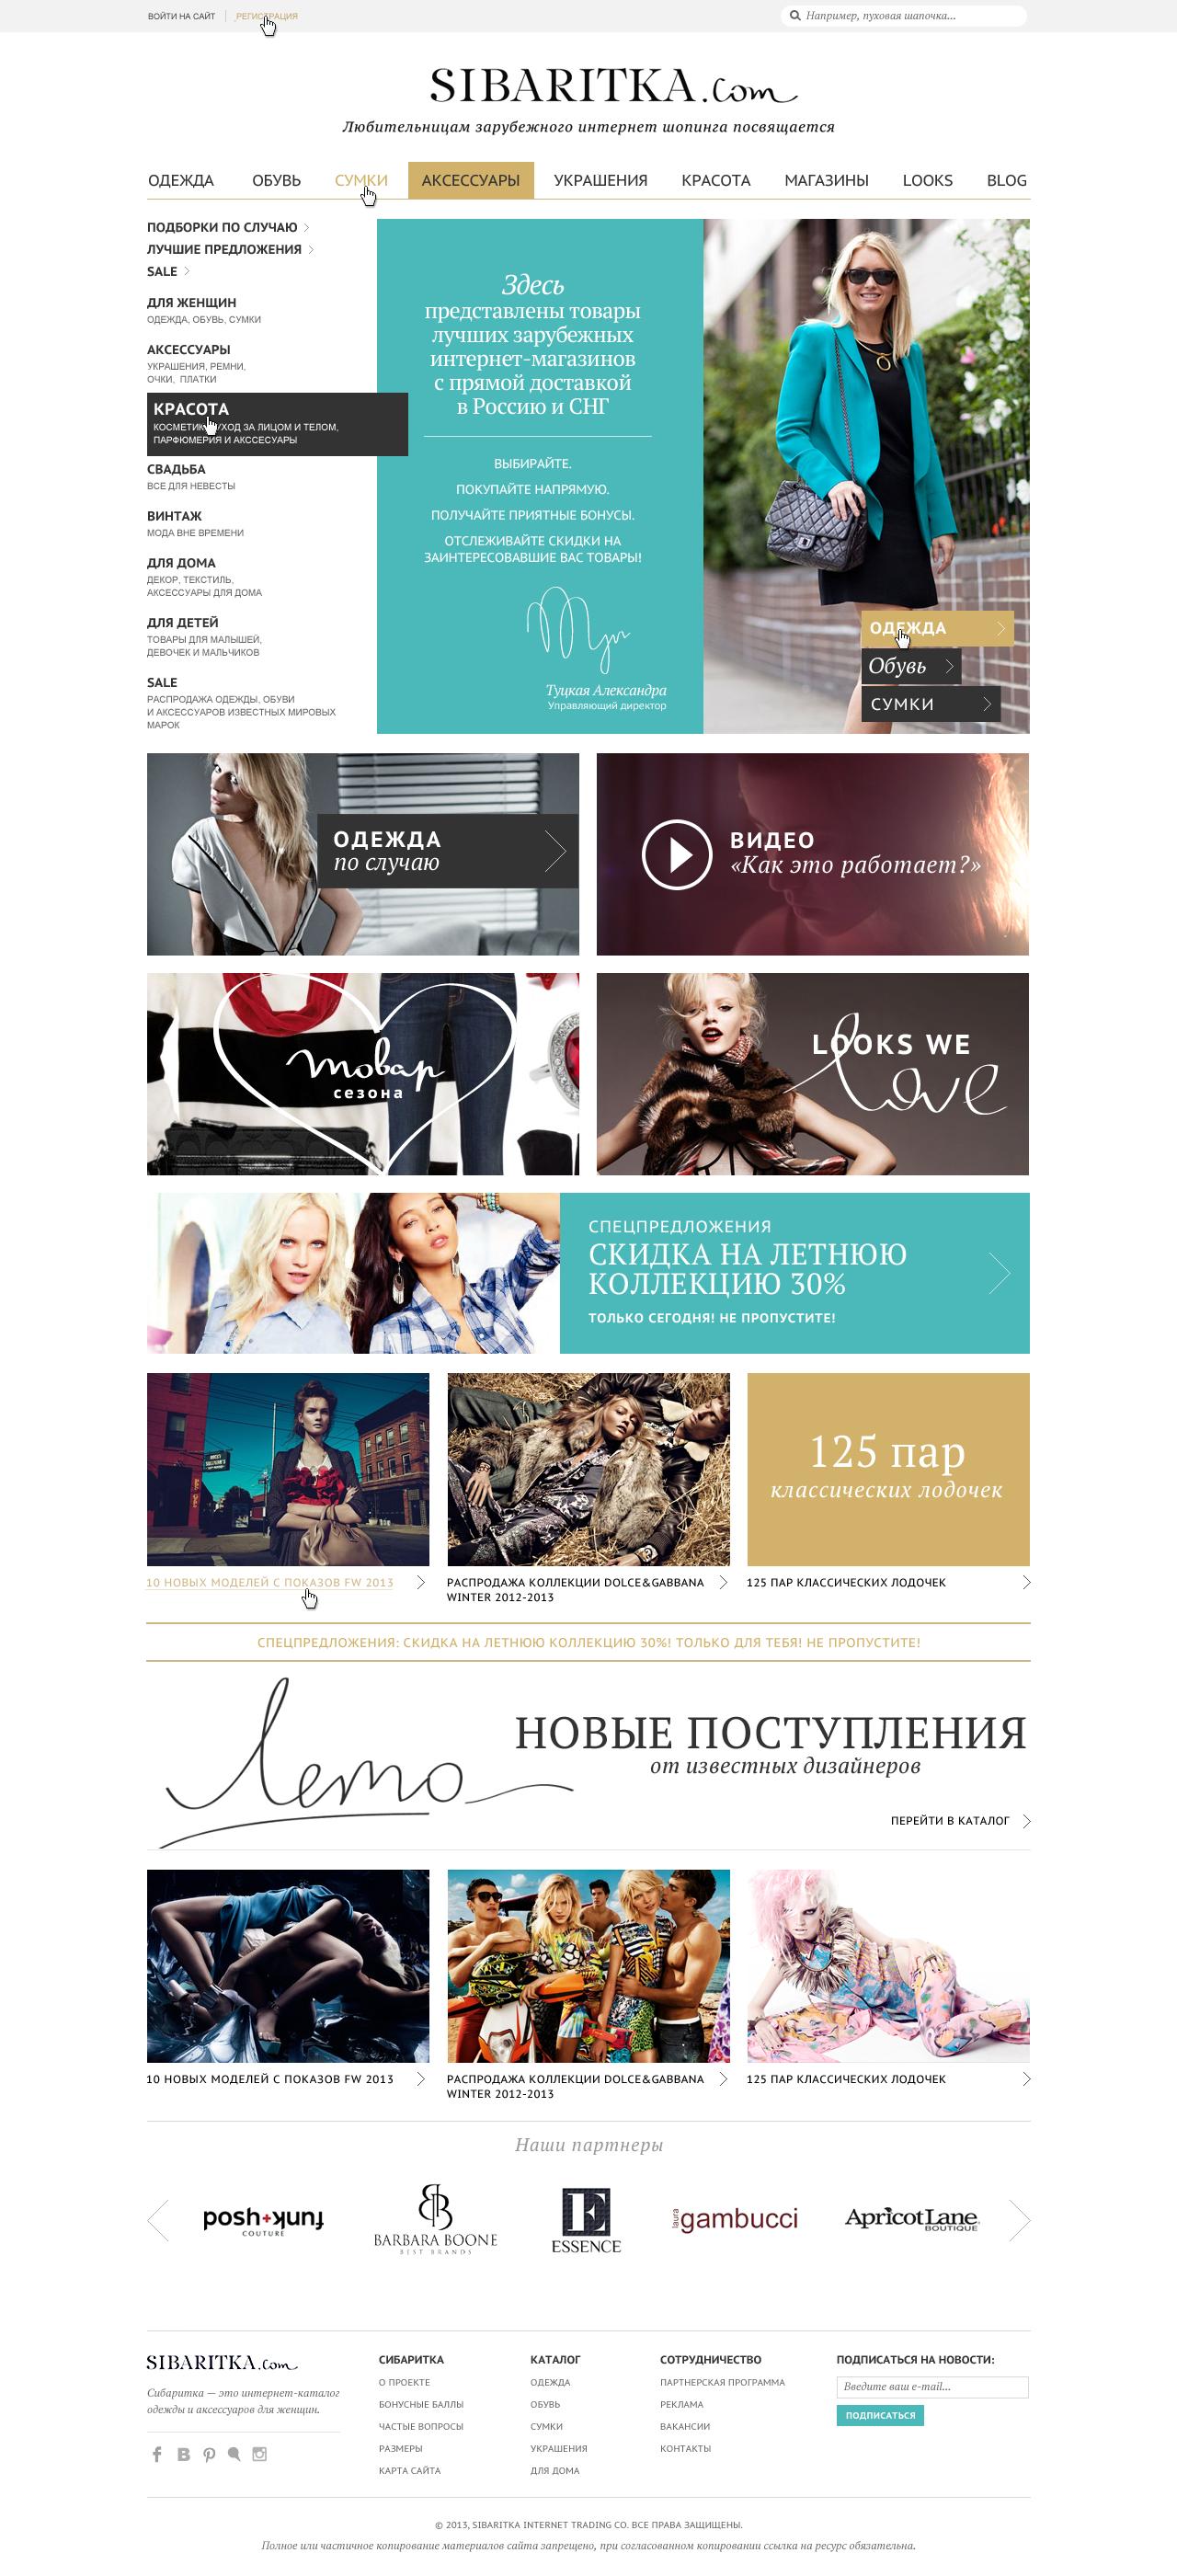 Интернет-магазин одежды - главная